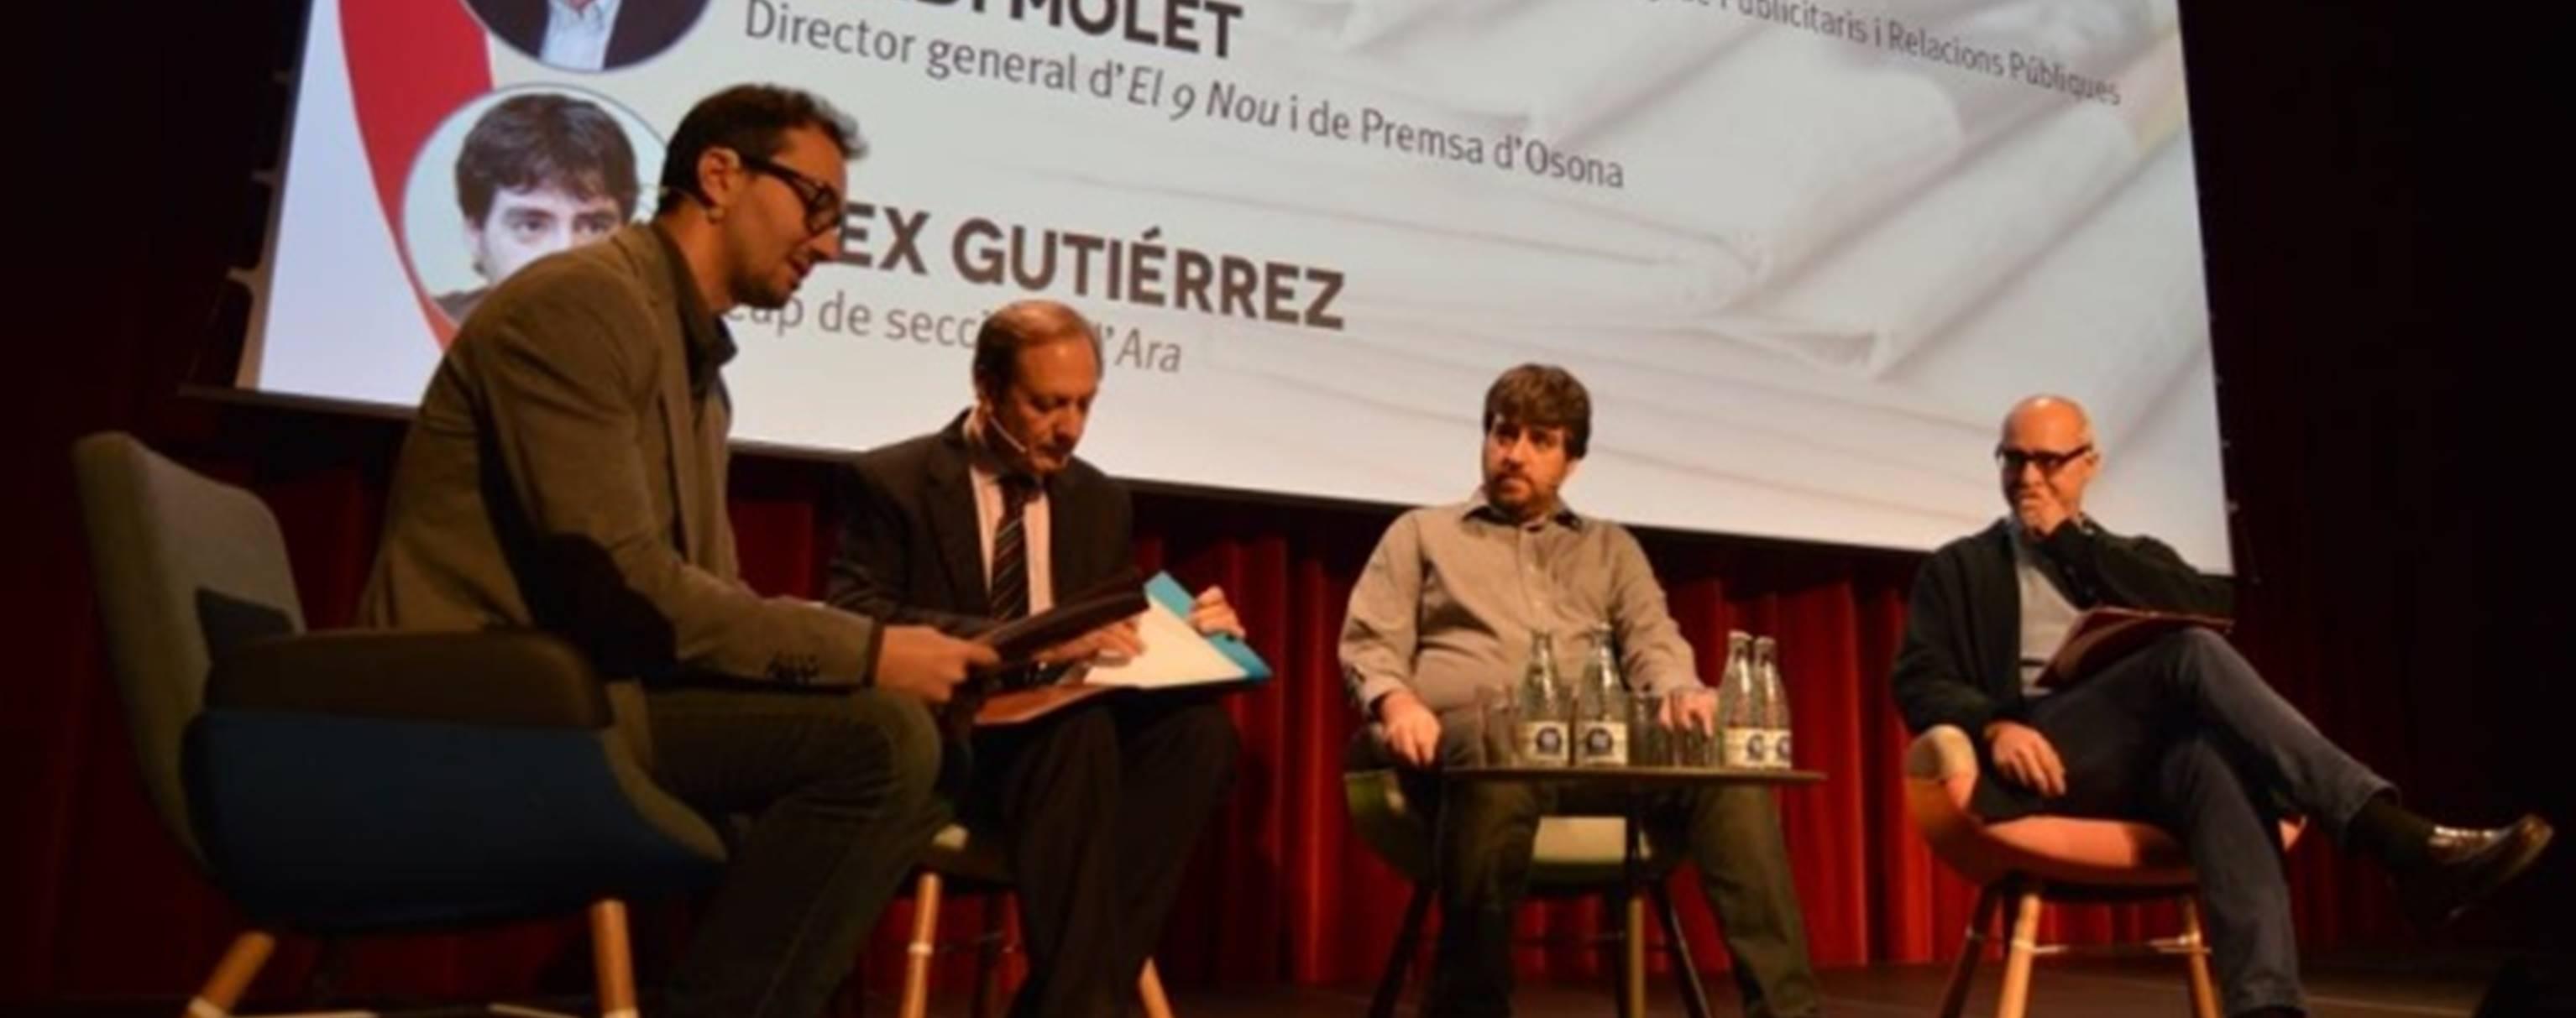 El contingut de proximitat es reivindica el Dia de la Premsa Comarcal. 150 professionals a la jornada